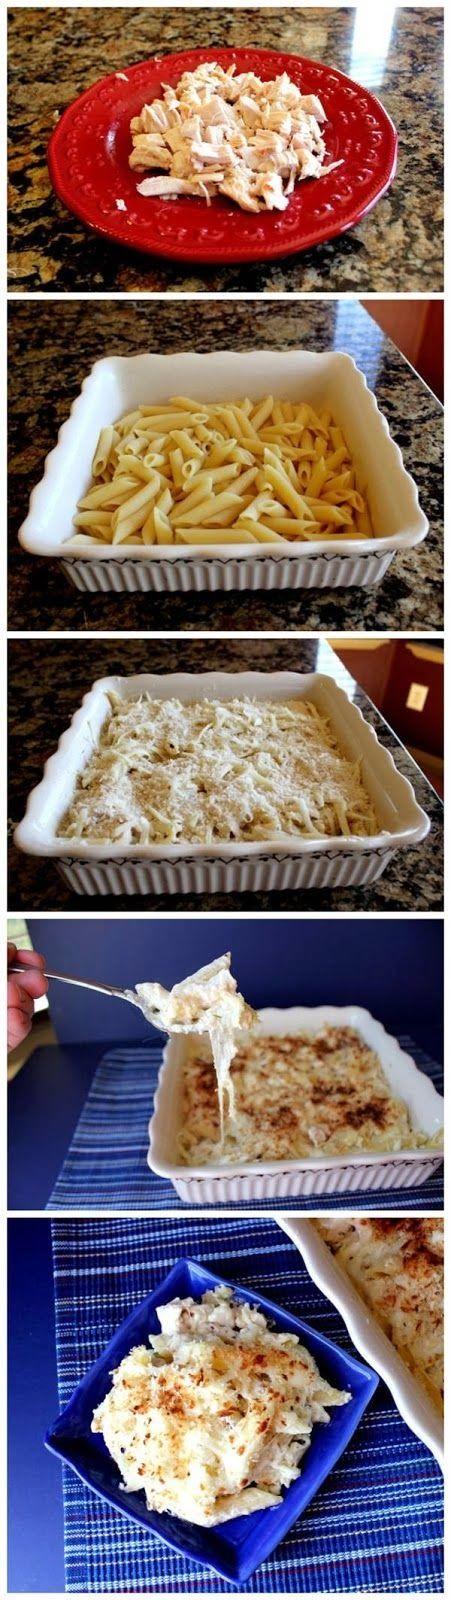 Chicken Alfredo Pasta Bake - penne pasta, butter, whipping cream, whole milk, parmesan cheese, rotisserie chicken, chicken broth, garlic, thyme, oregano, mozzarella cheese, panko crumbs, salt, pepper.